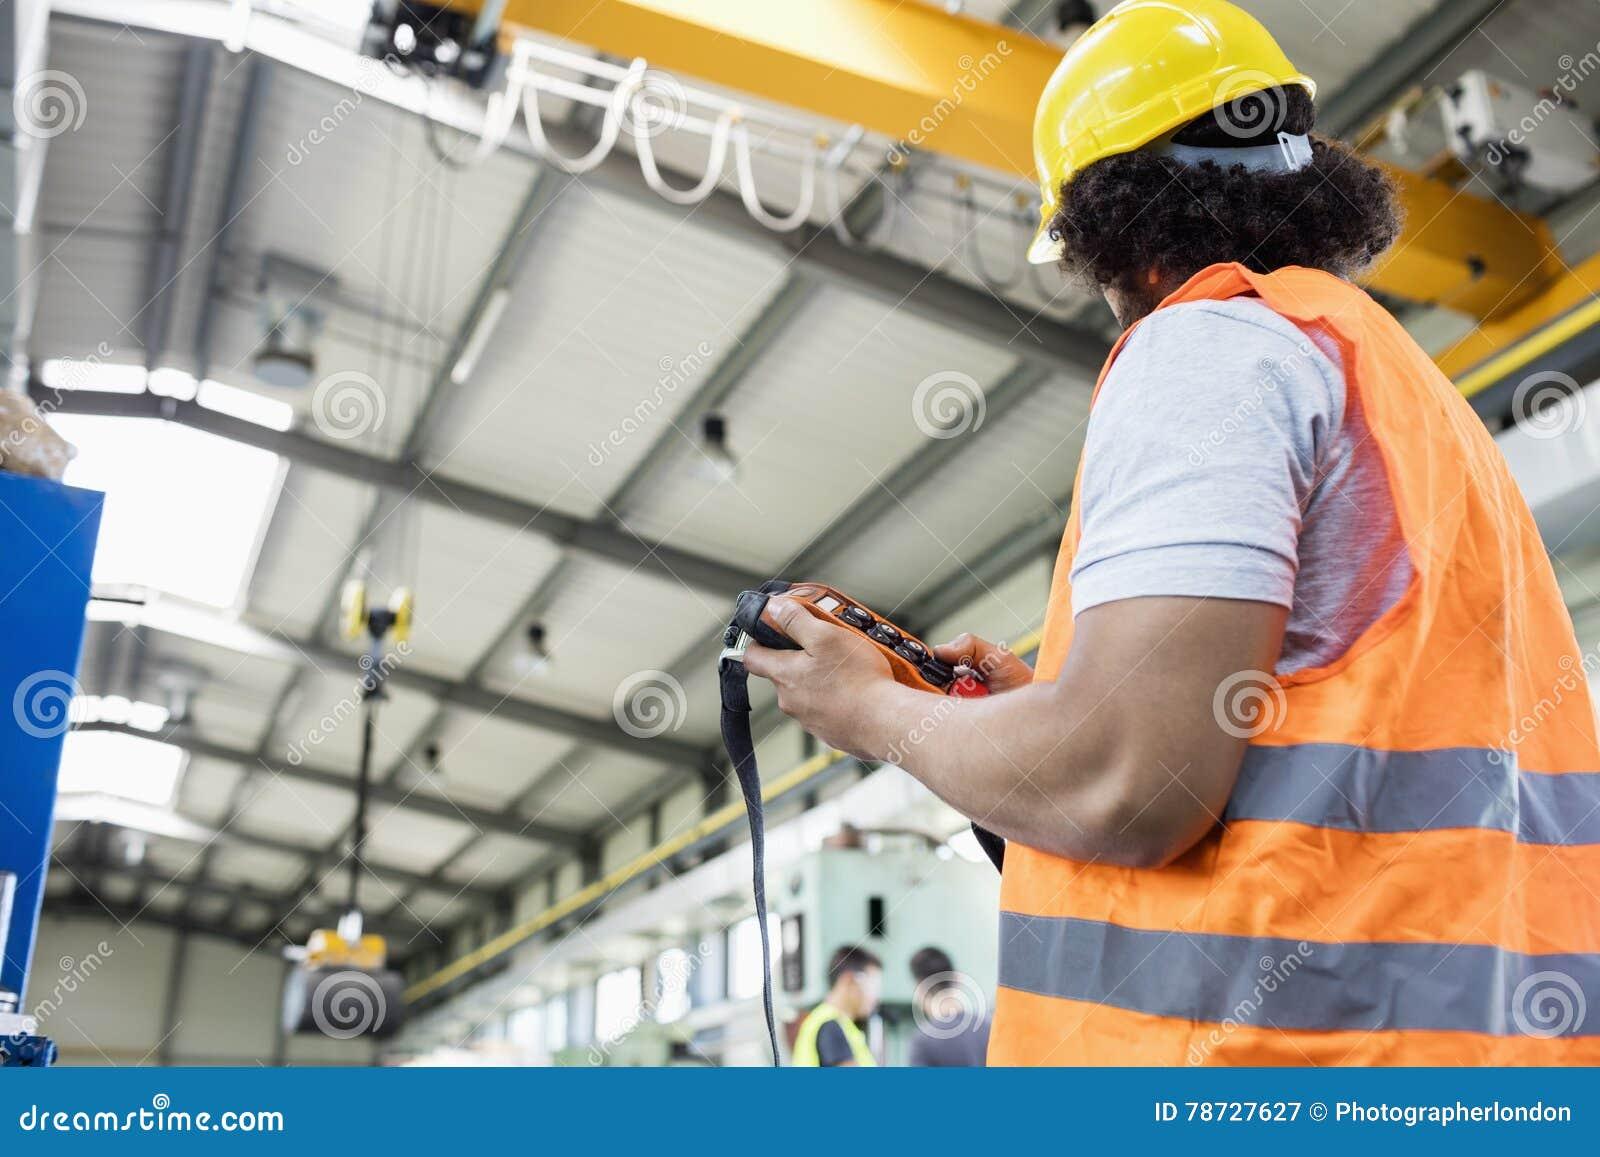 Sikt för låg vinkel av den unga fungeringskranen för manuell arbetare i fabrik